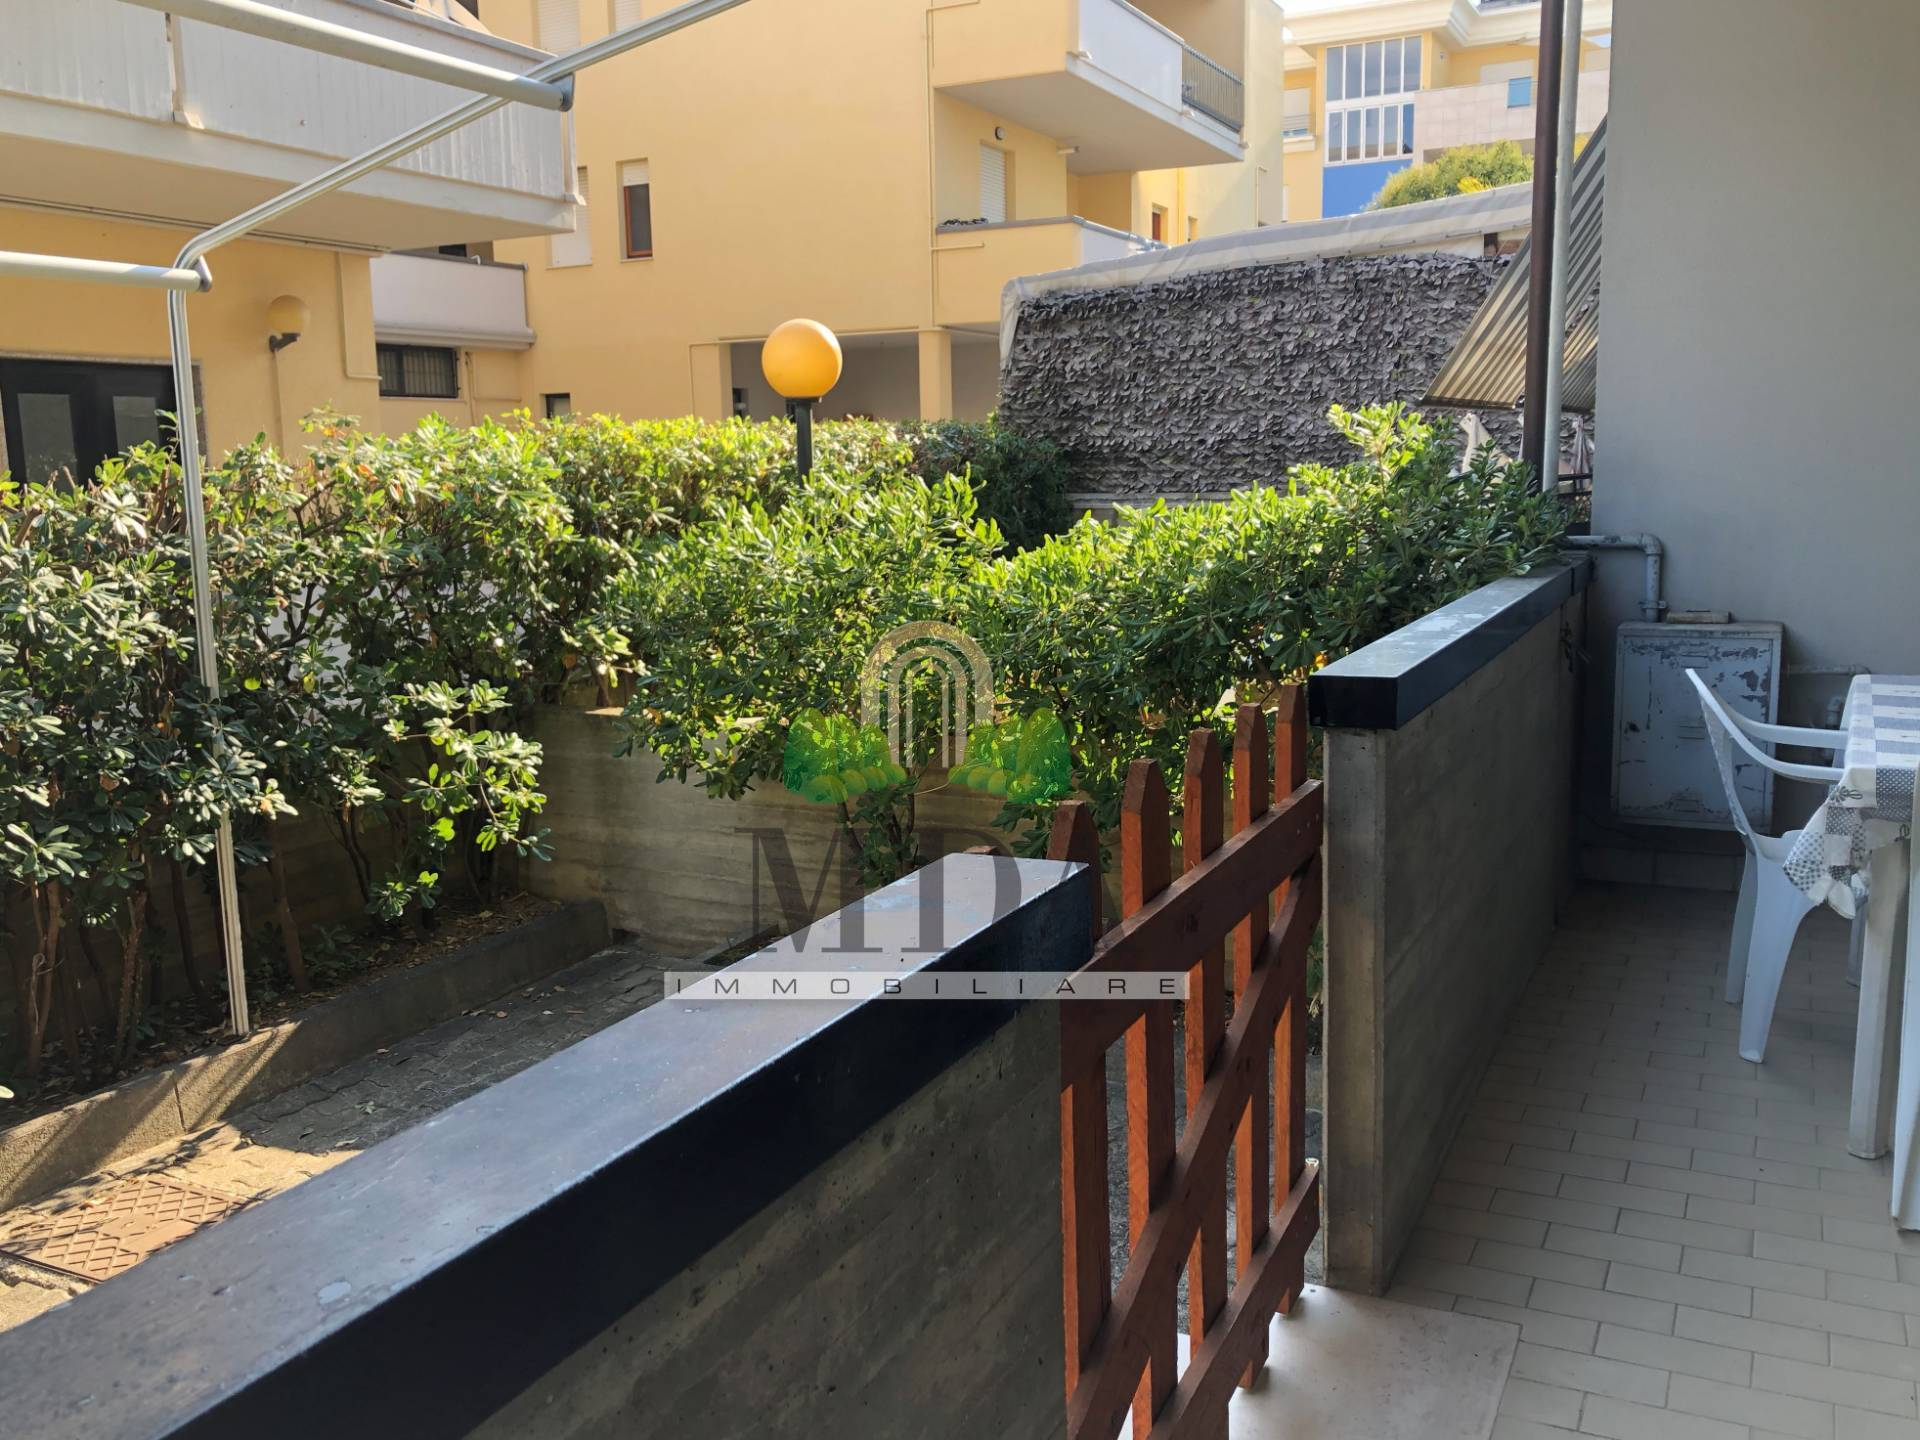 Appartamento in vendita a Martinsicuro, 3 locali, zona Località: VillaRosa, prezzo € 70.000 | PortaleAgenzieImmobiliari.it